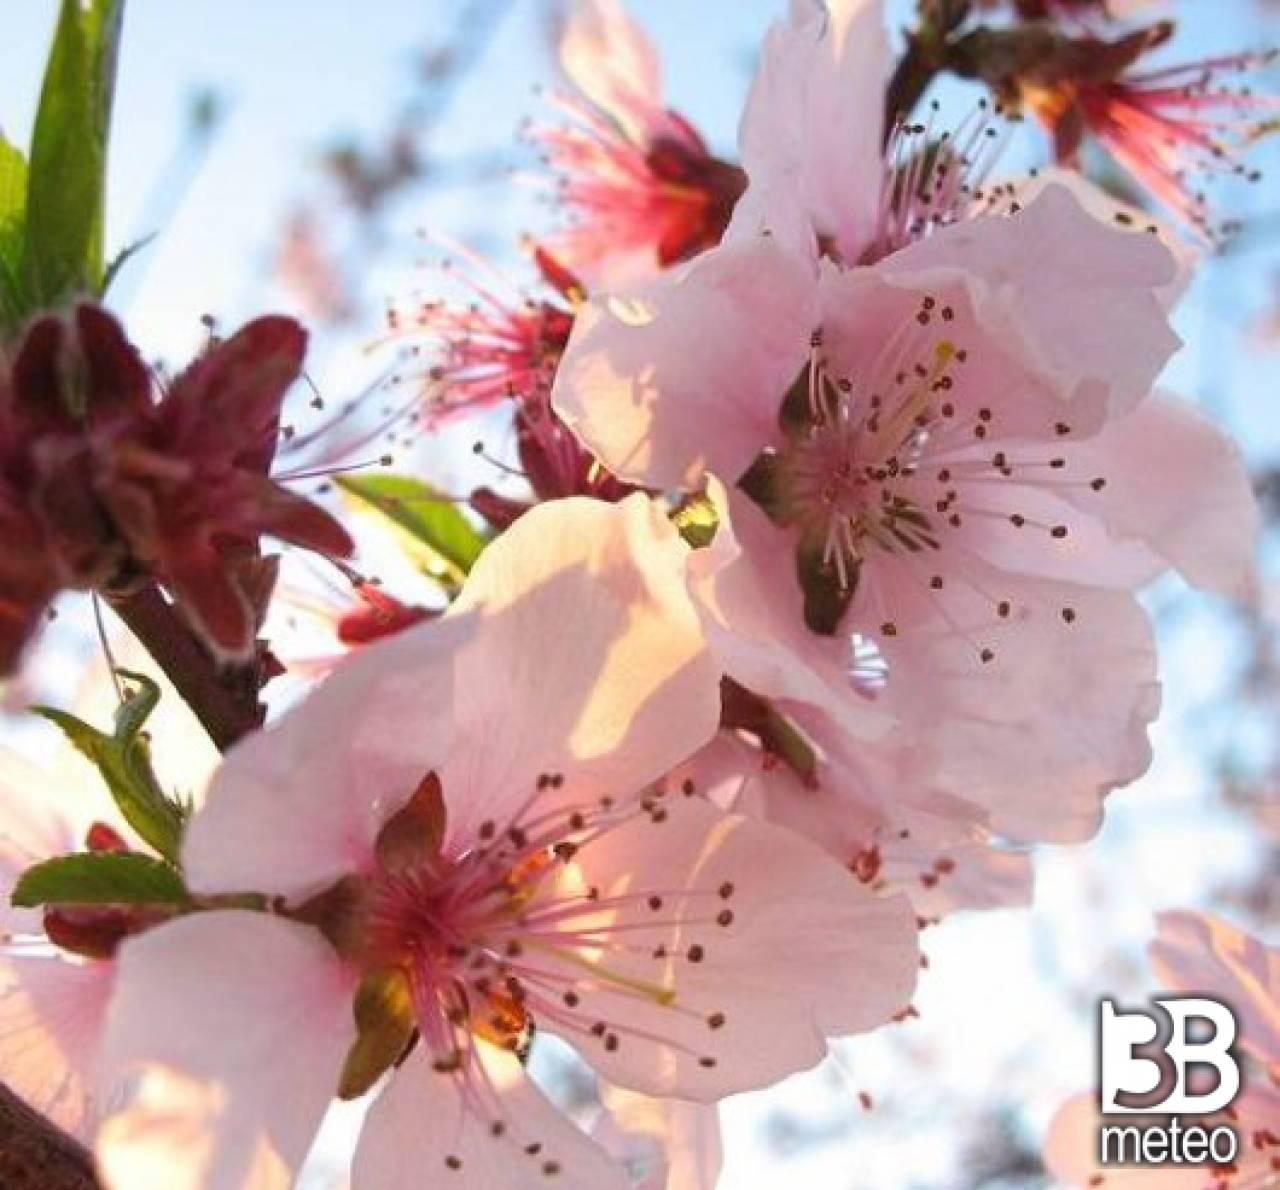 Fiori rosa fiori di pesco foto gallery 3b meteo for Immagini per desktop fiori